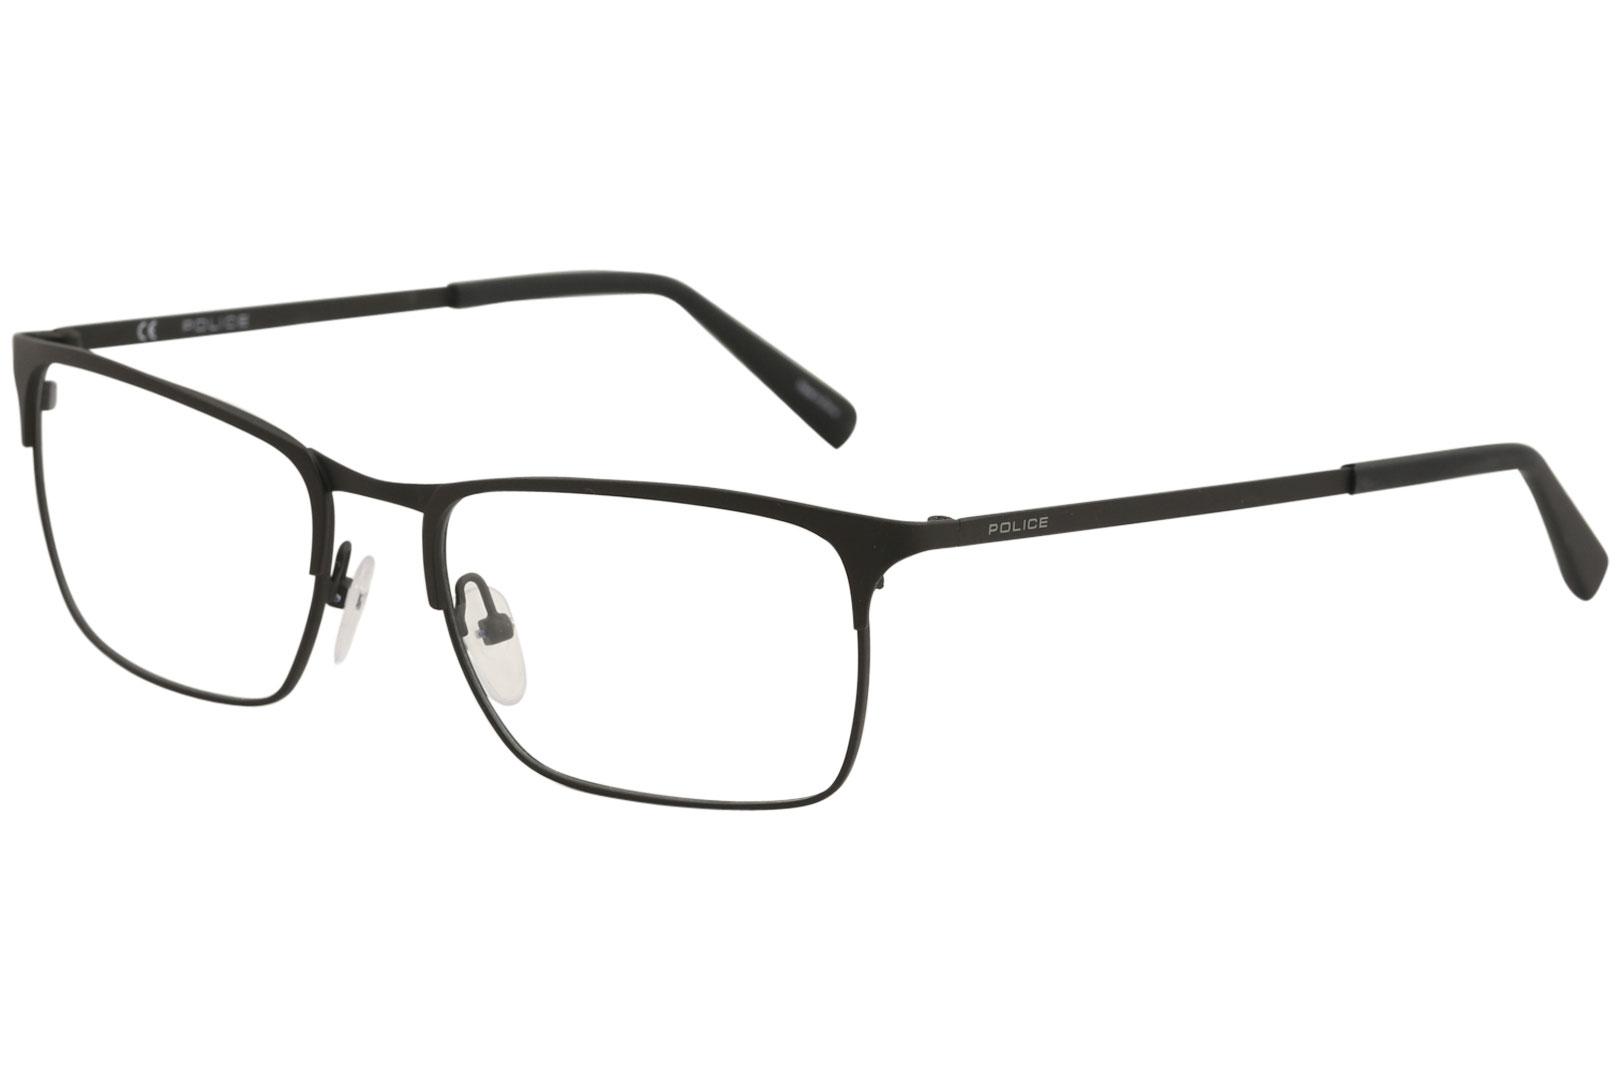 56cd3e48aece Police Eyeglasses Invisible 2 VPL139 VPL/139 0531 Matte Black ...